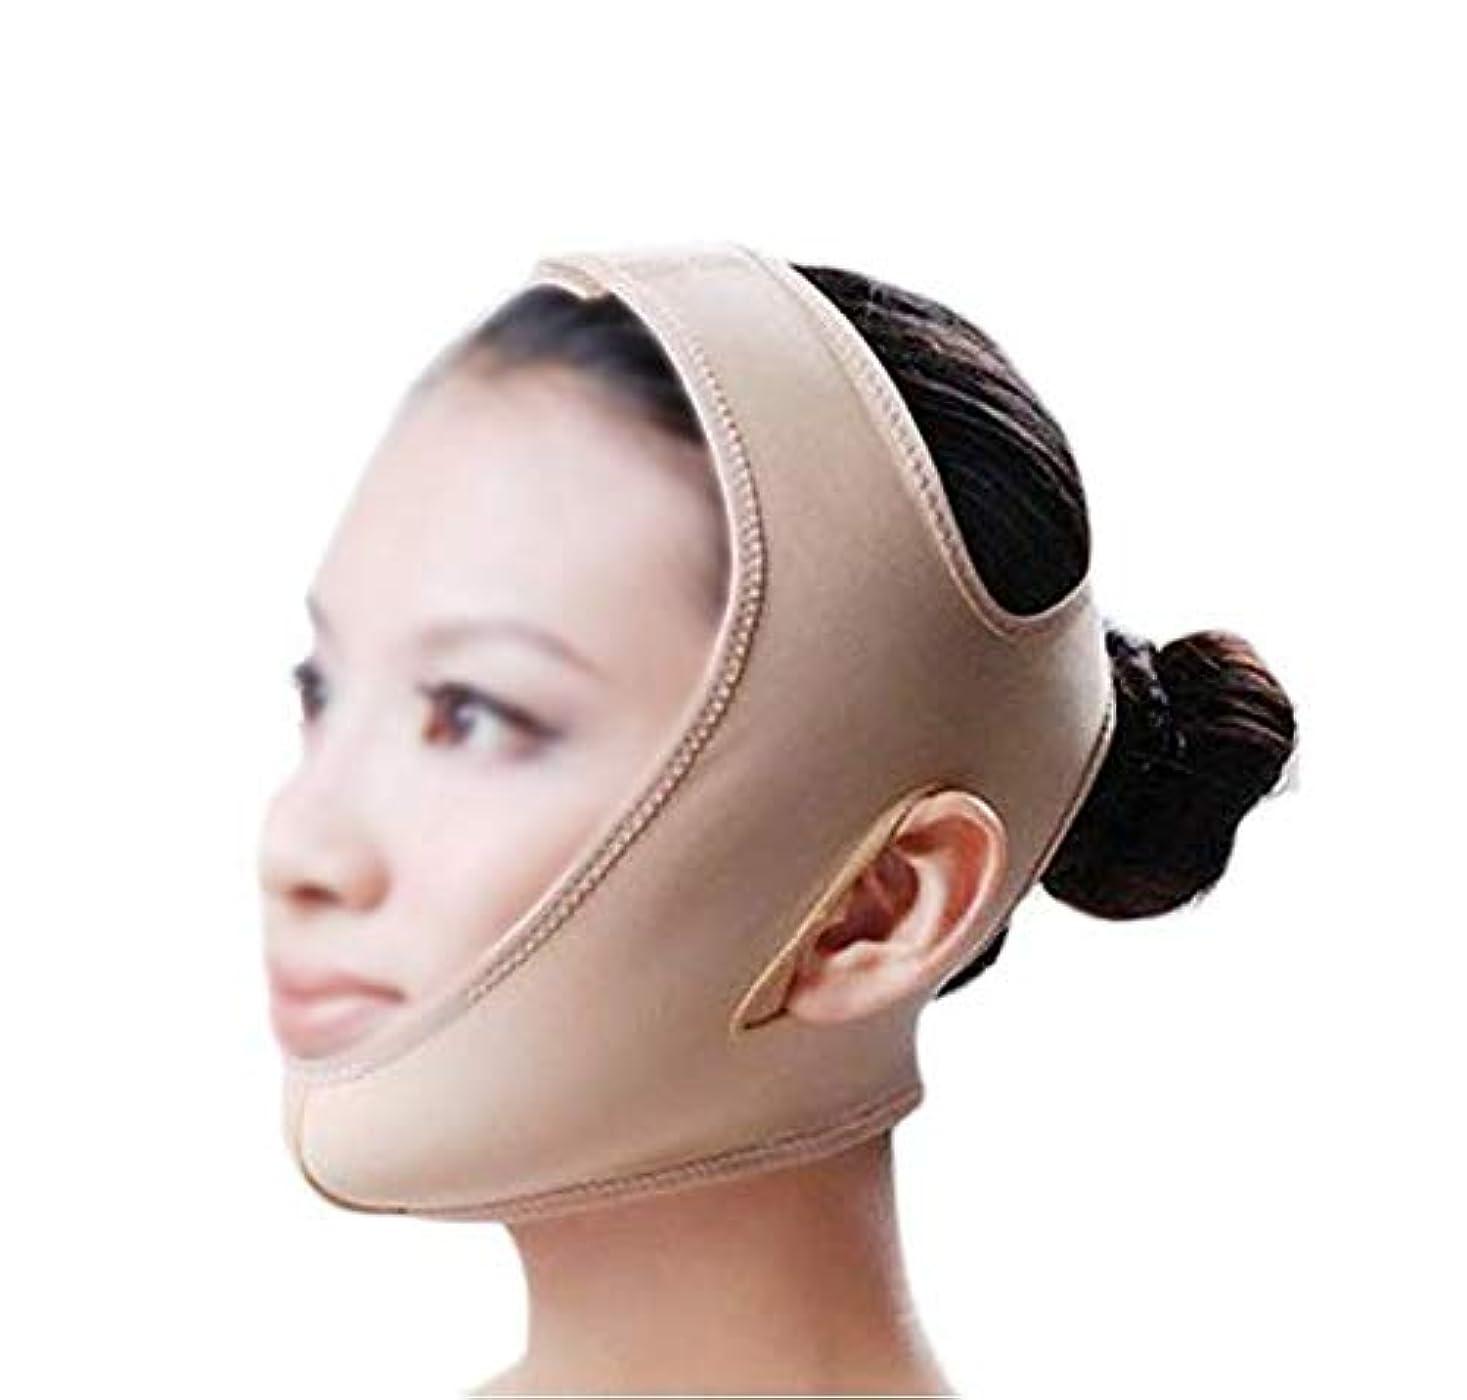 実験をする汚染する告発者TLMY 引き締めマスクマスクフェイシャルマスク美容薬マスク美容V顔包帯ライン彫刻引き締めしっかりした二重あごマスク 顔用整形マスク (Size : S)